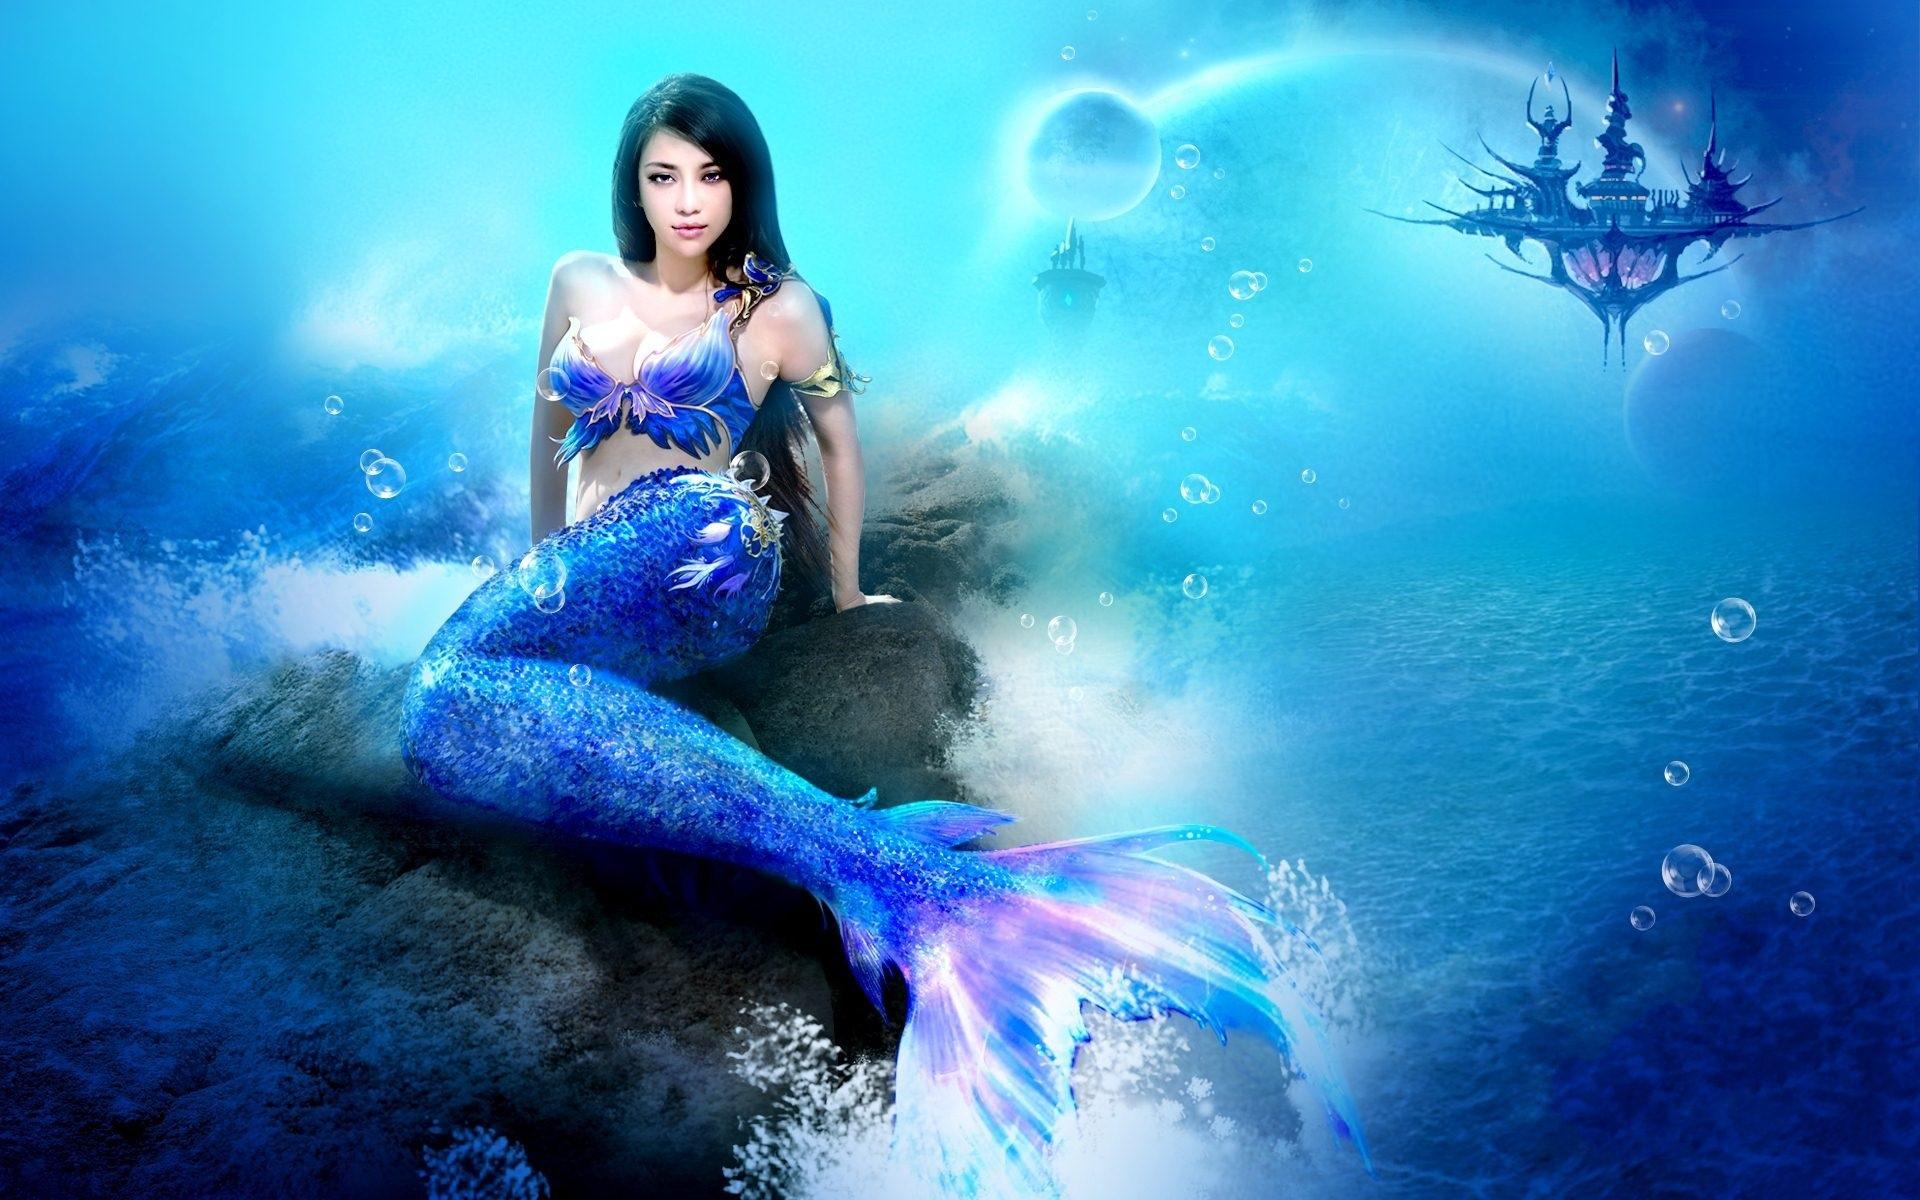 Download Wallpaper 1920x1200 Fantasy girl, mermaid, sea ...